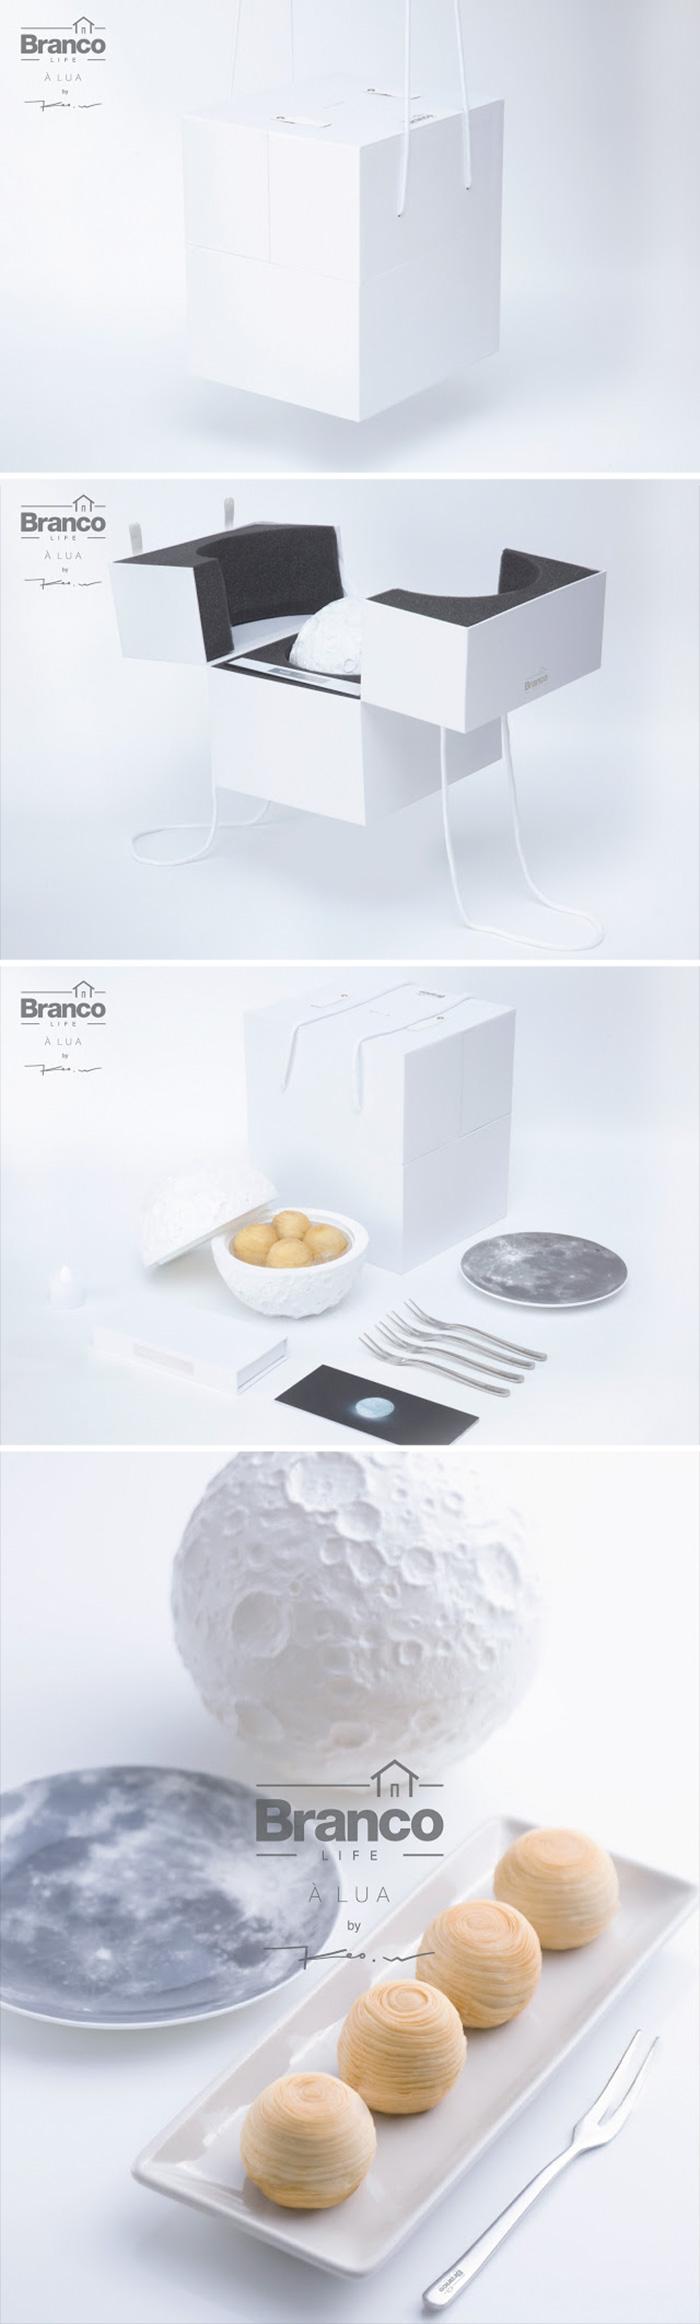 Creative Food Packaging Ideas 25 59491bad01065  700 - As embalagens mais criativas da publicidade (Parte 1)